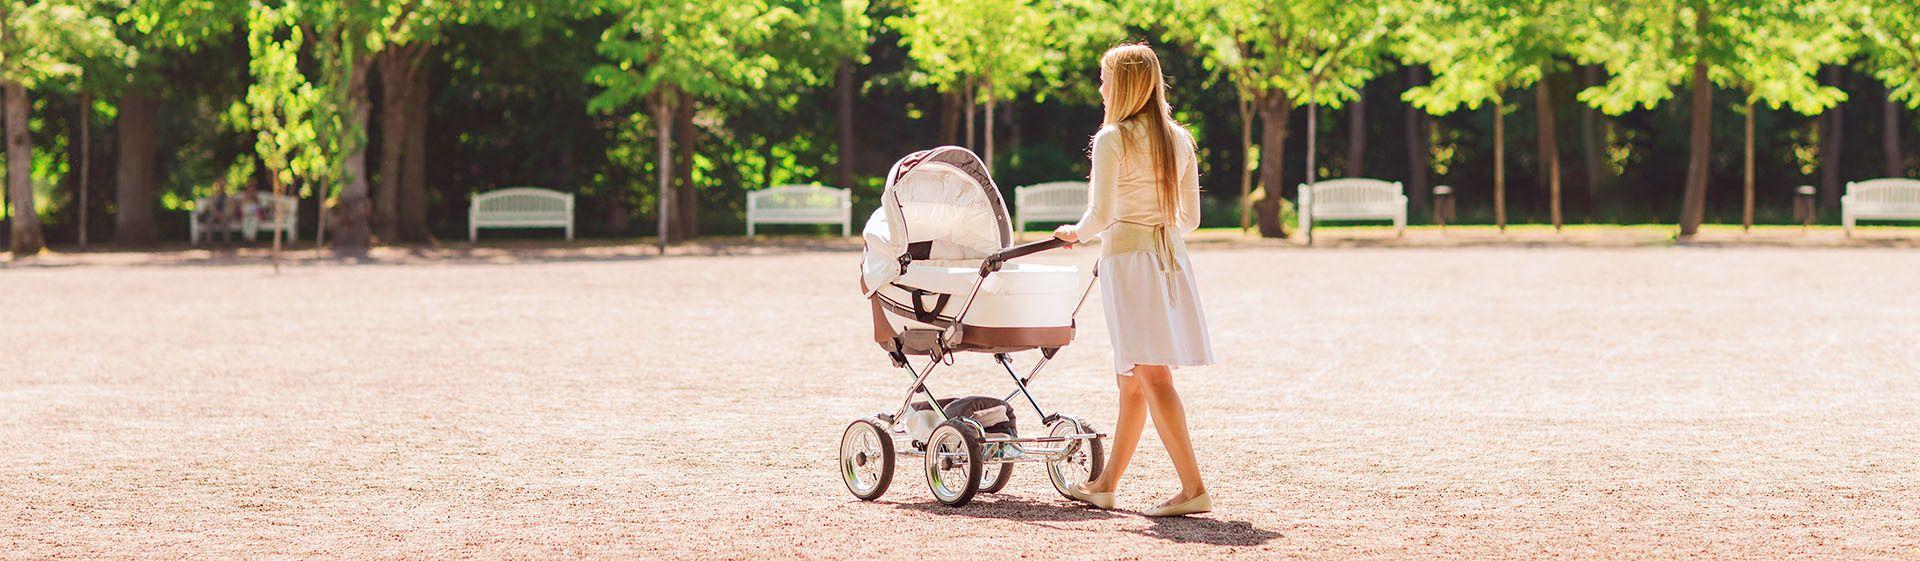 Melhor carrinho de bebê de 2021: 15 modelos para comprar